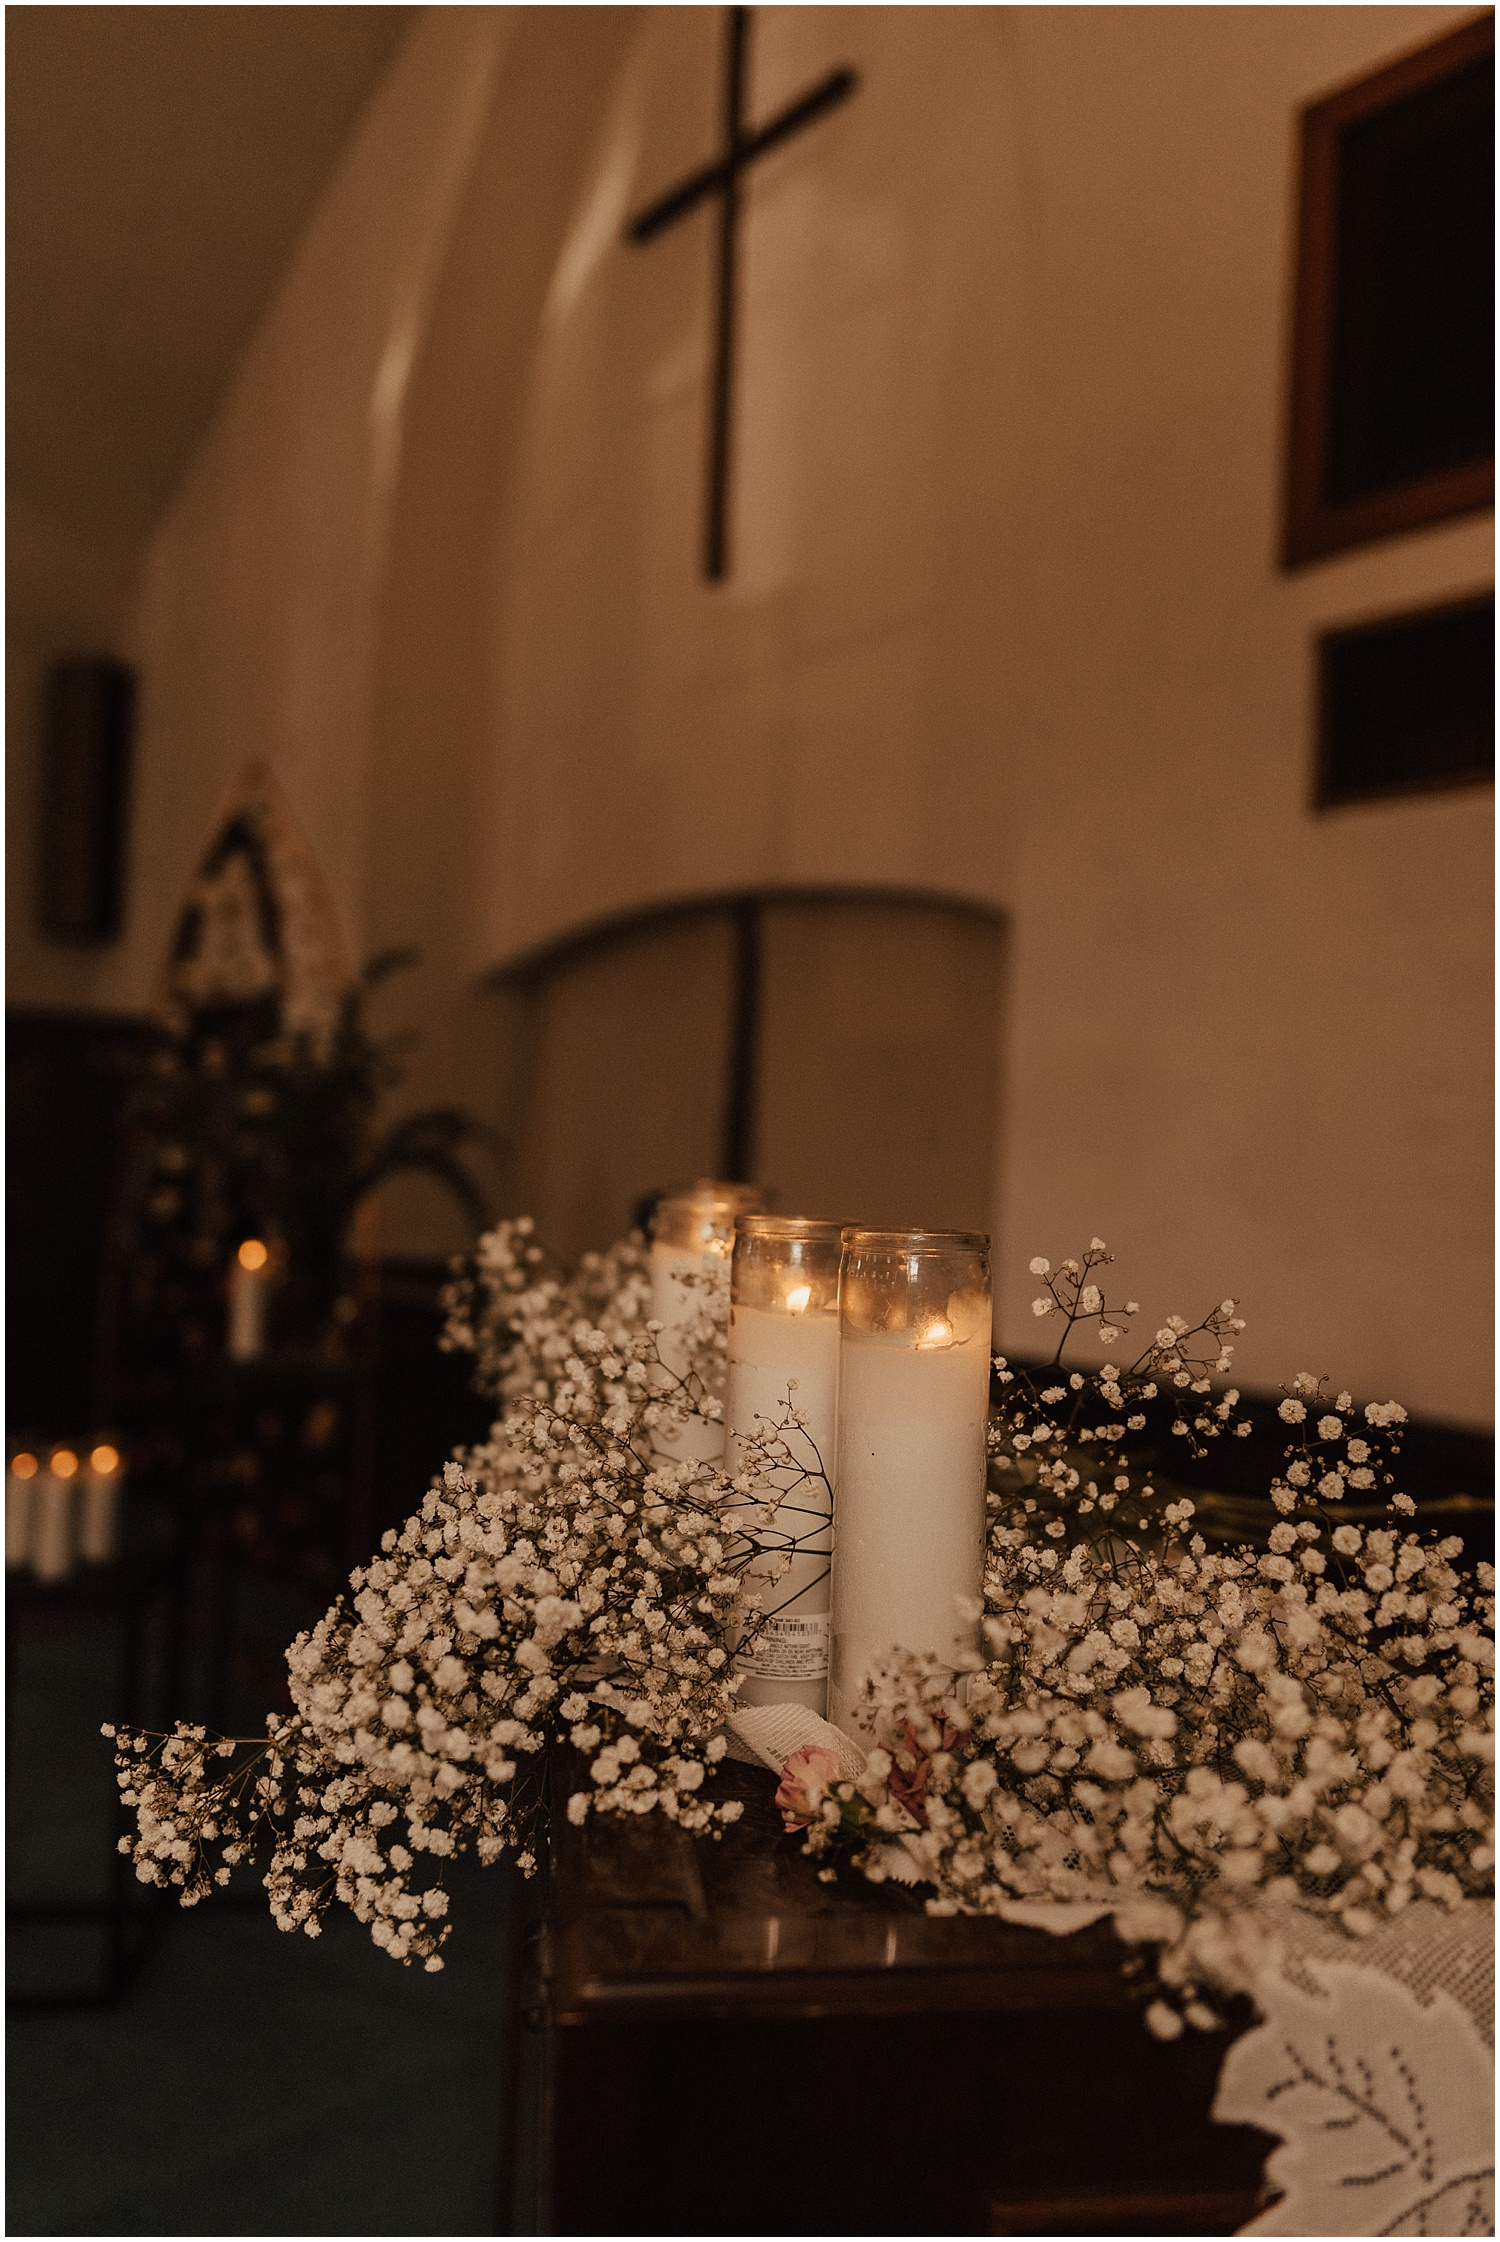 church-wedding-industrial-reception-sunvalley-idaho60.jpg